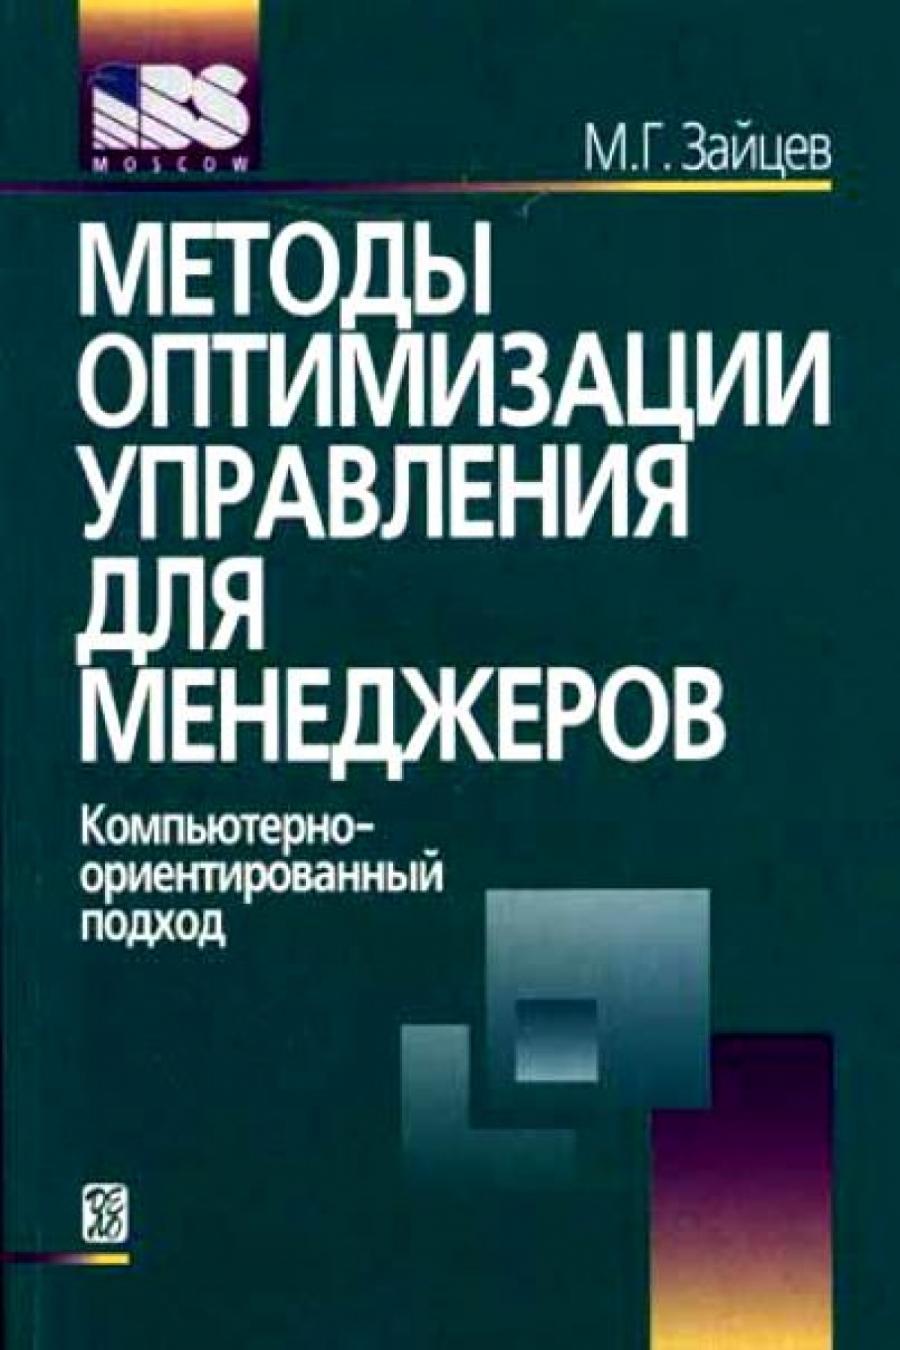 Обложка книги:  зайцев м.г. - методы оптимизации управления для менеджеров.